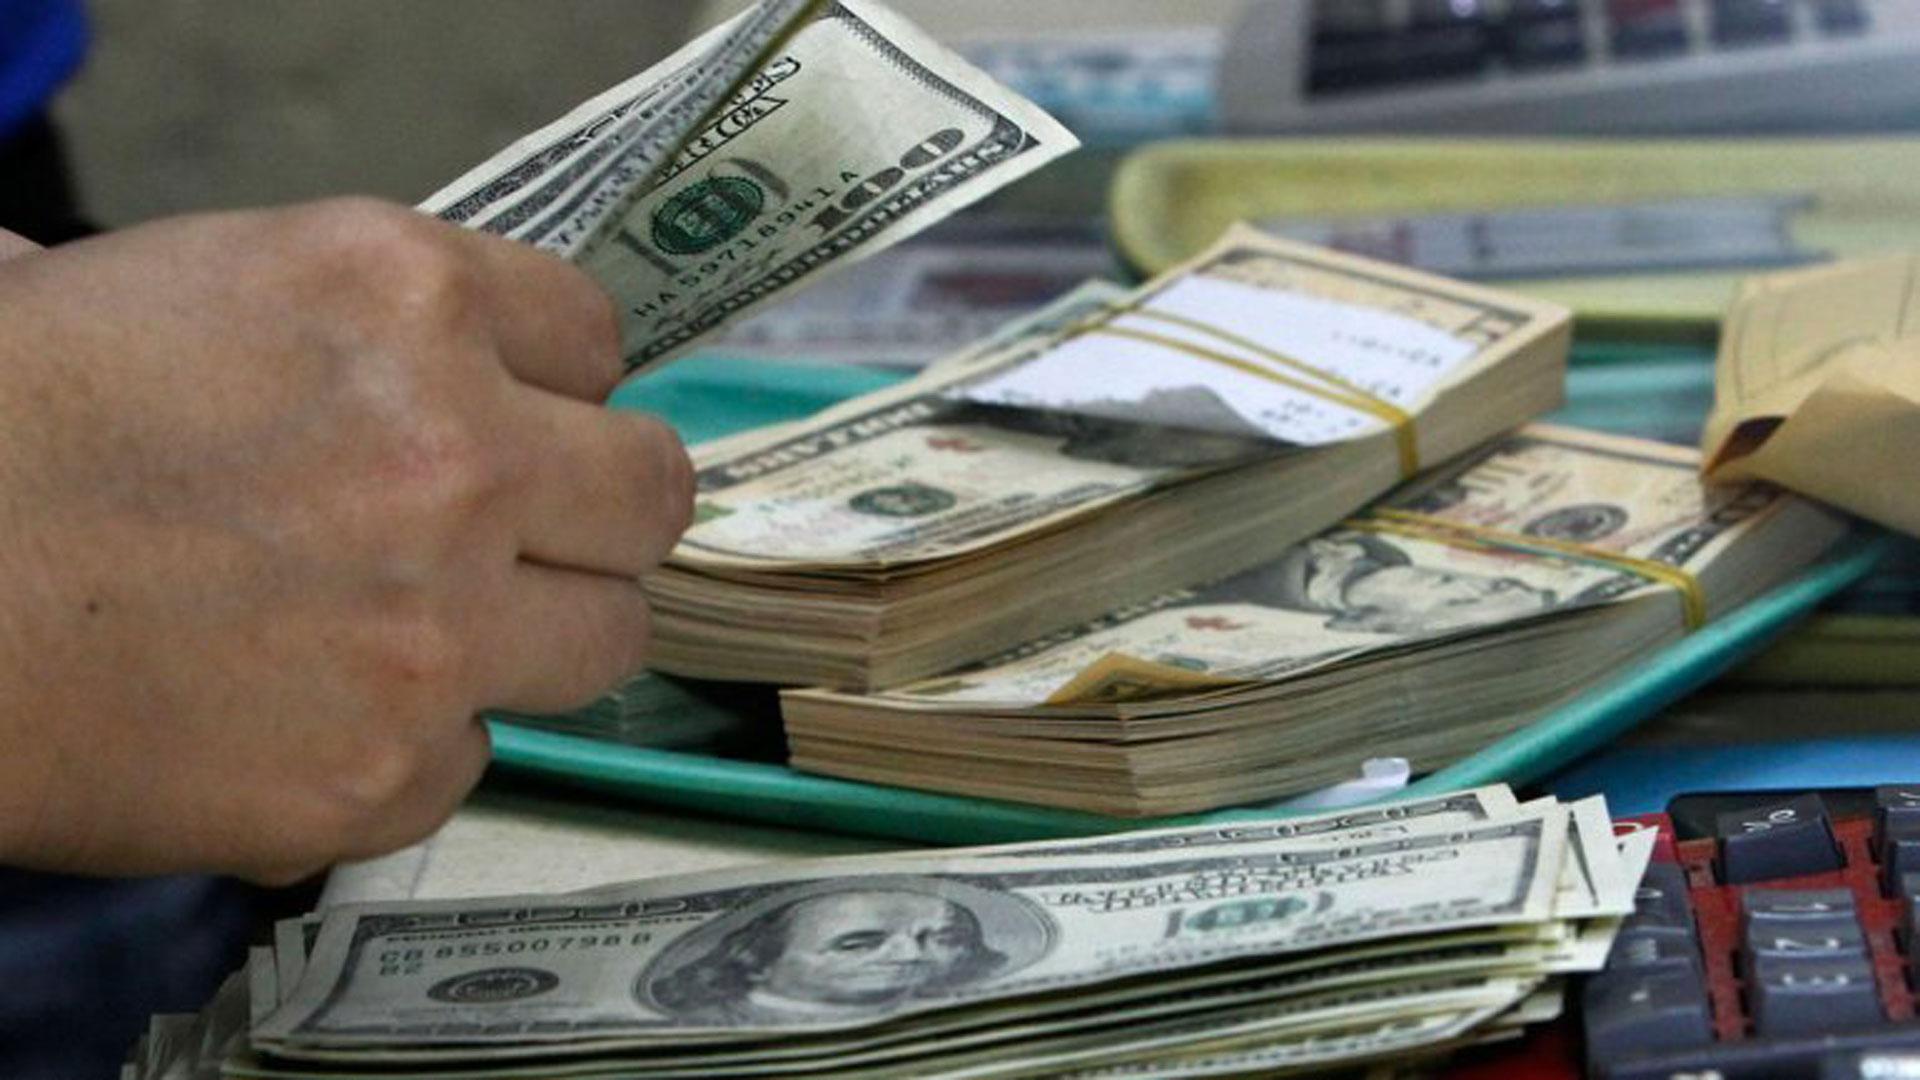 El dólar bajó a $45,89 en los 15 minutos finales (Reuters)